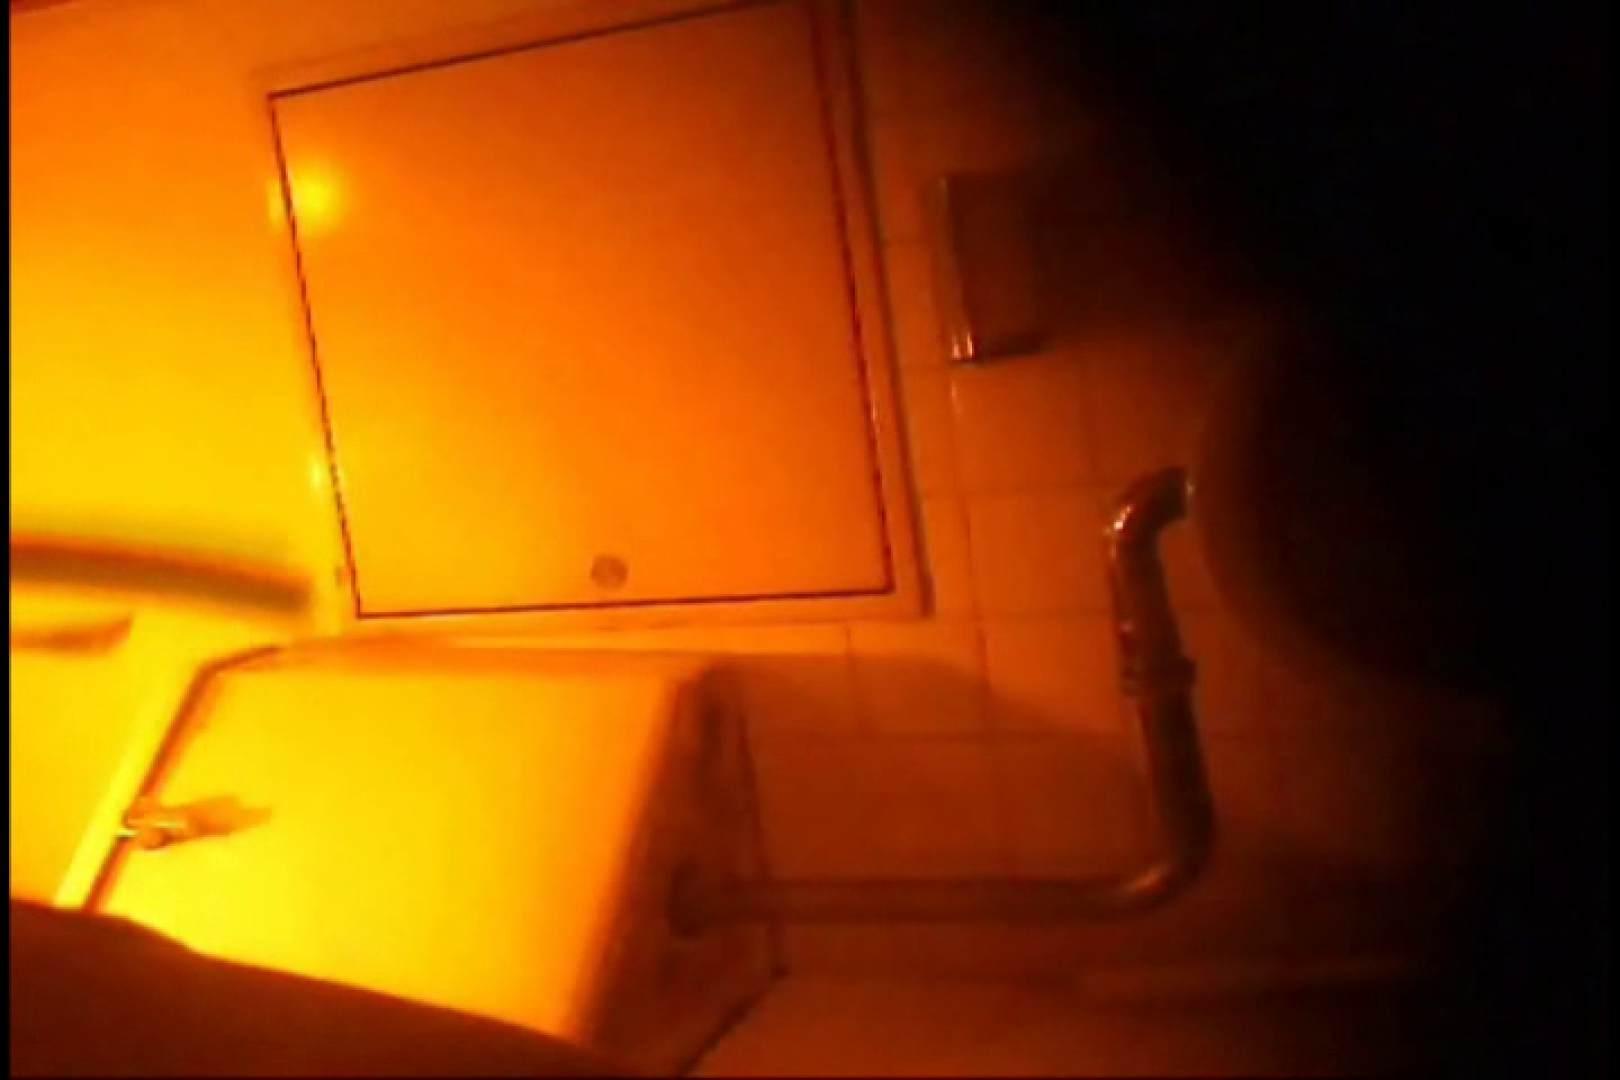 亀さんかわや VIP和式2カメバージョン! vol.04 和式 | HなOL  57pic 10